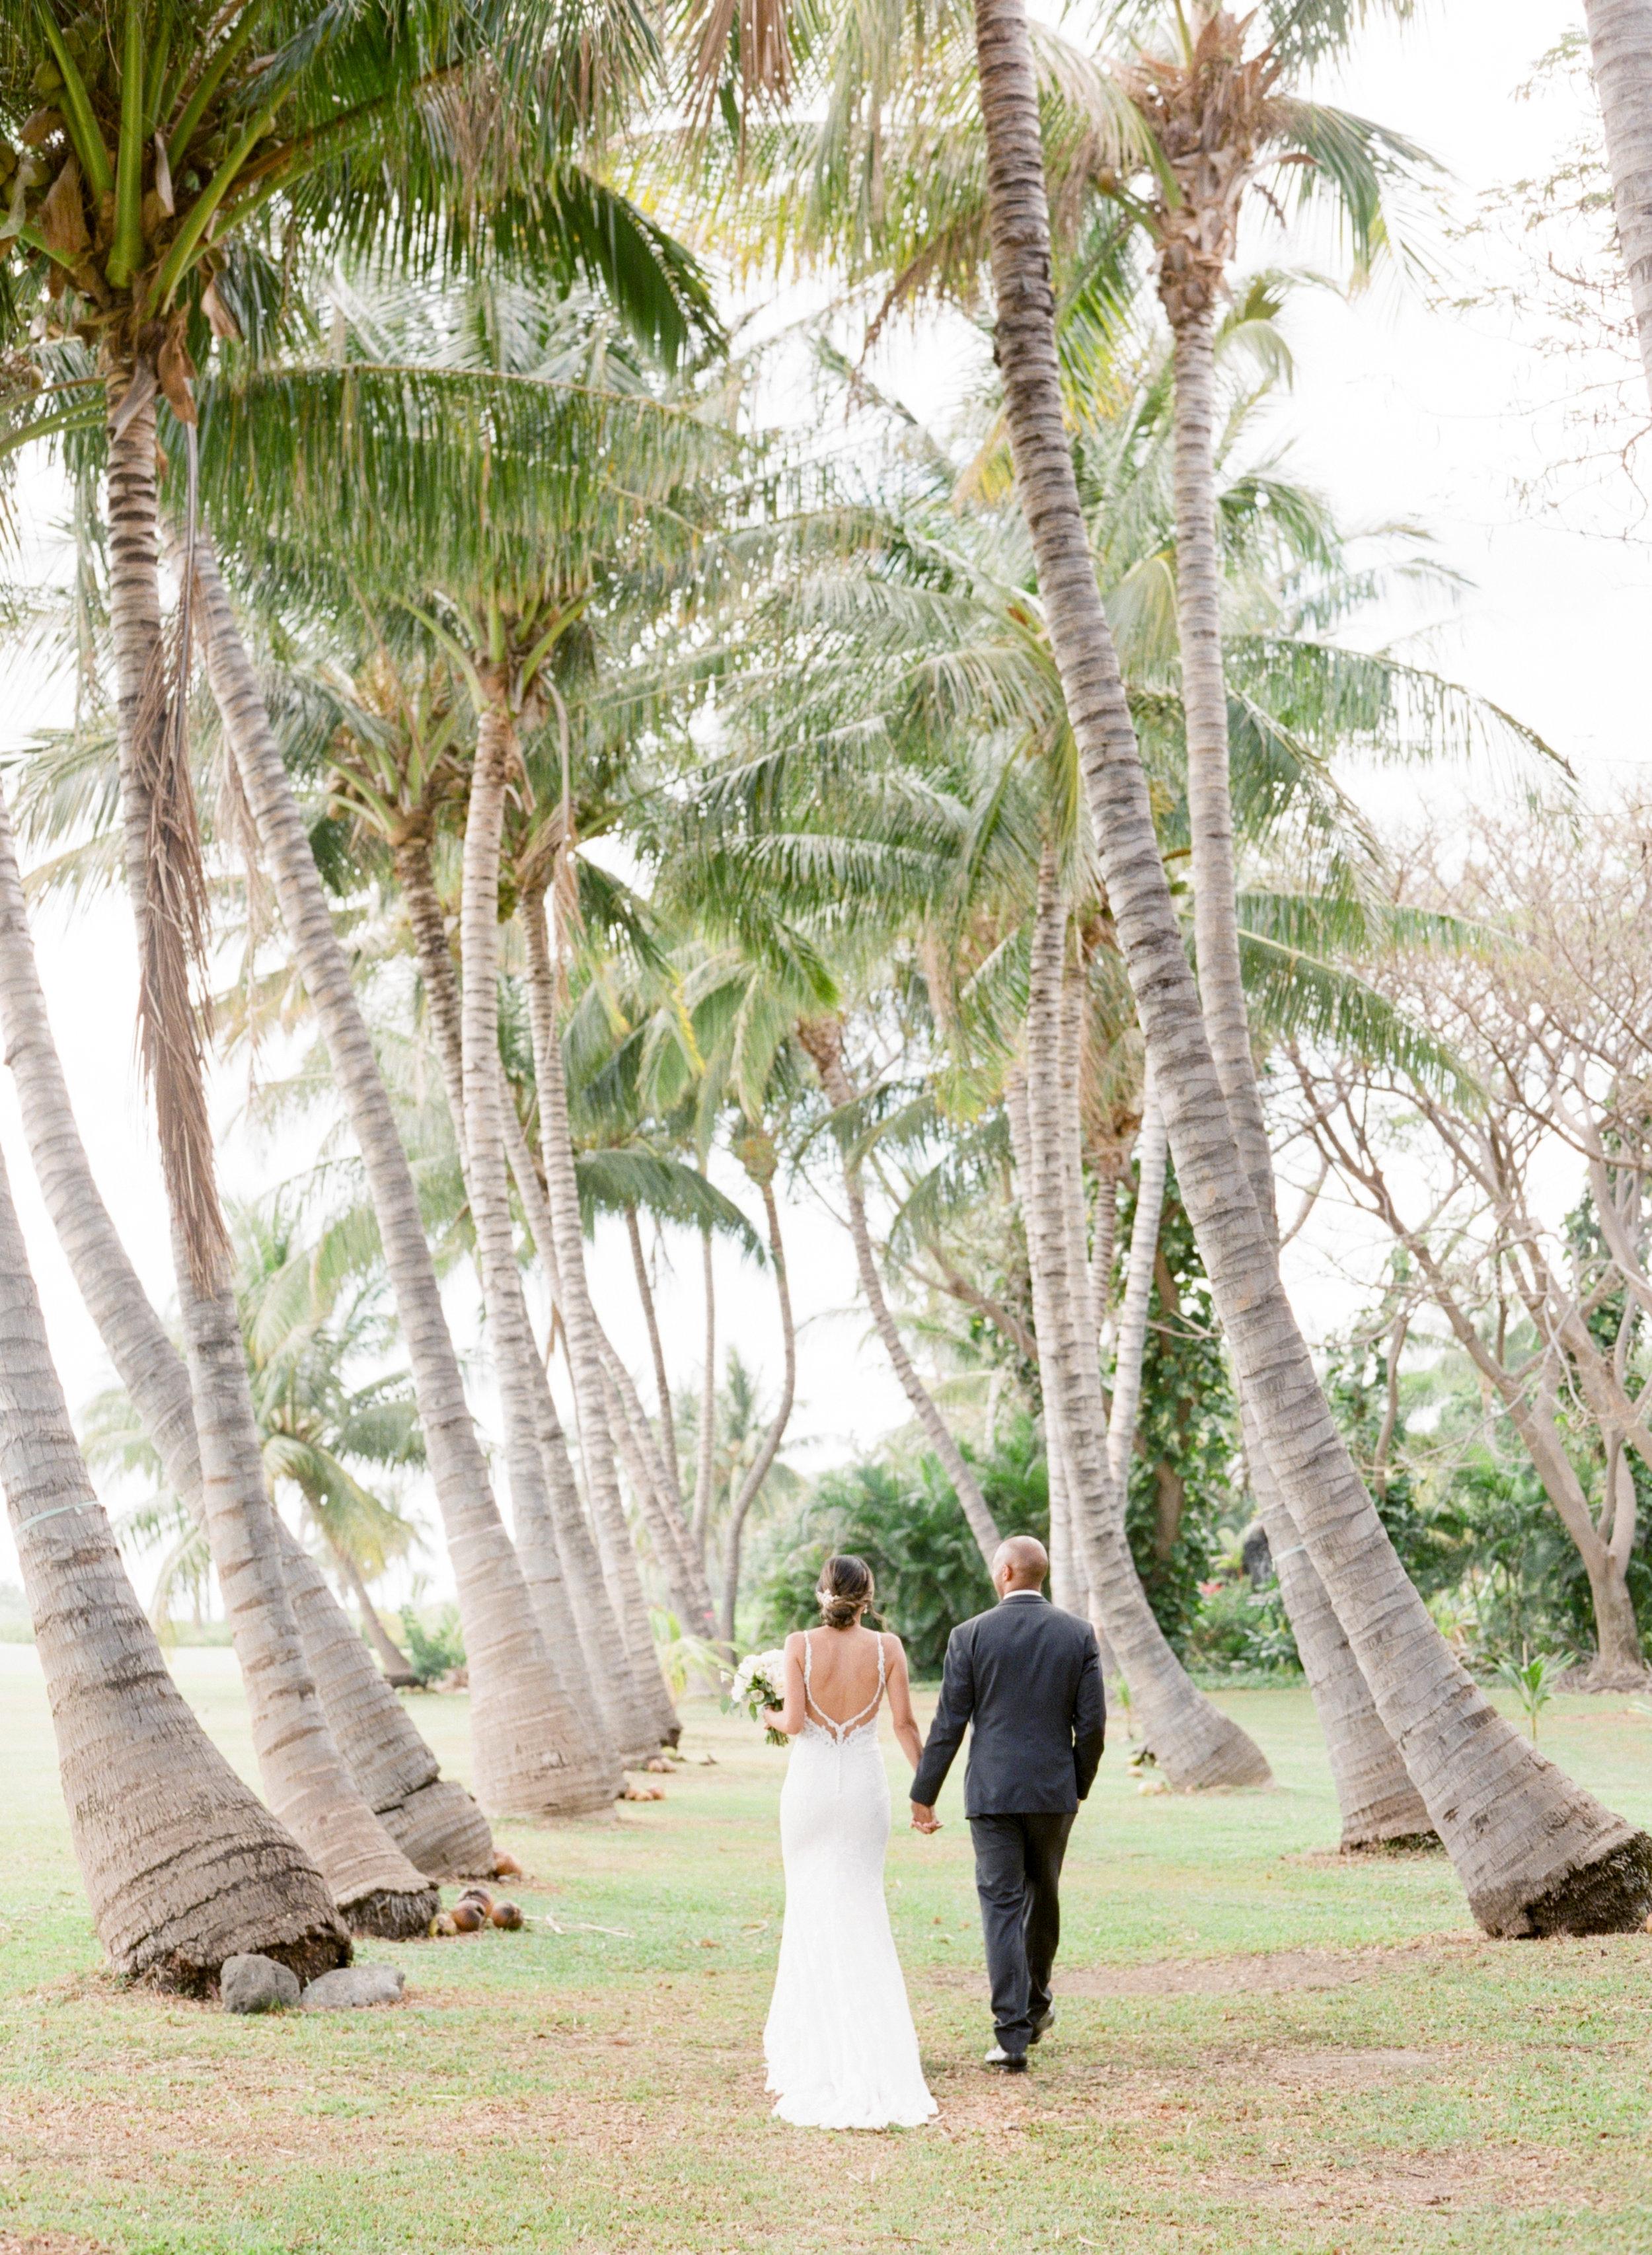 Olowalu-plantation-house-maui-hawaii-wedding-55.jpg